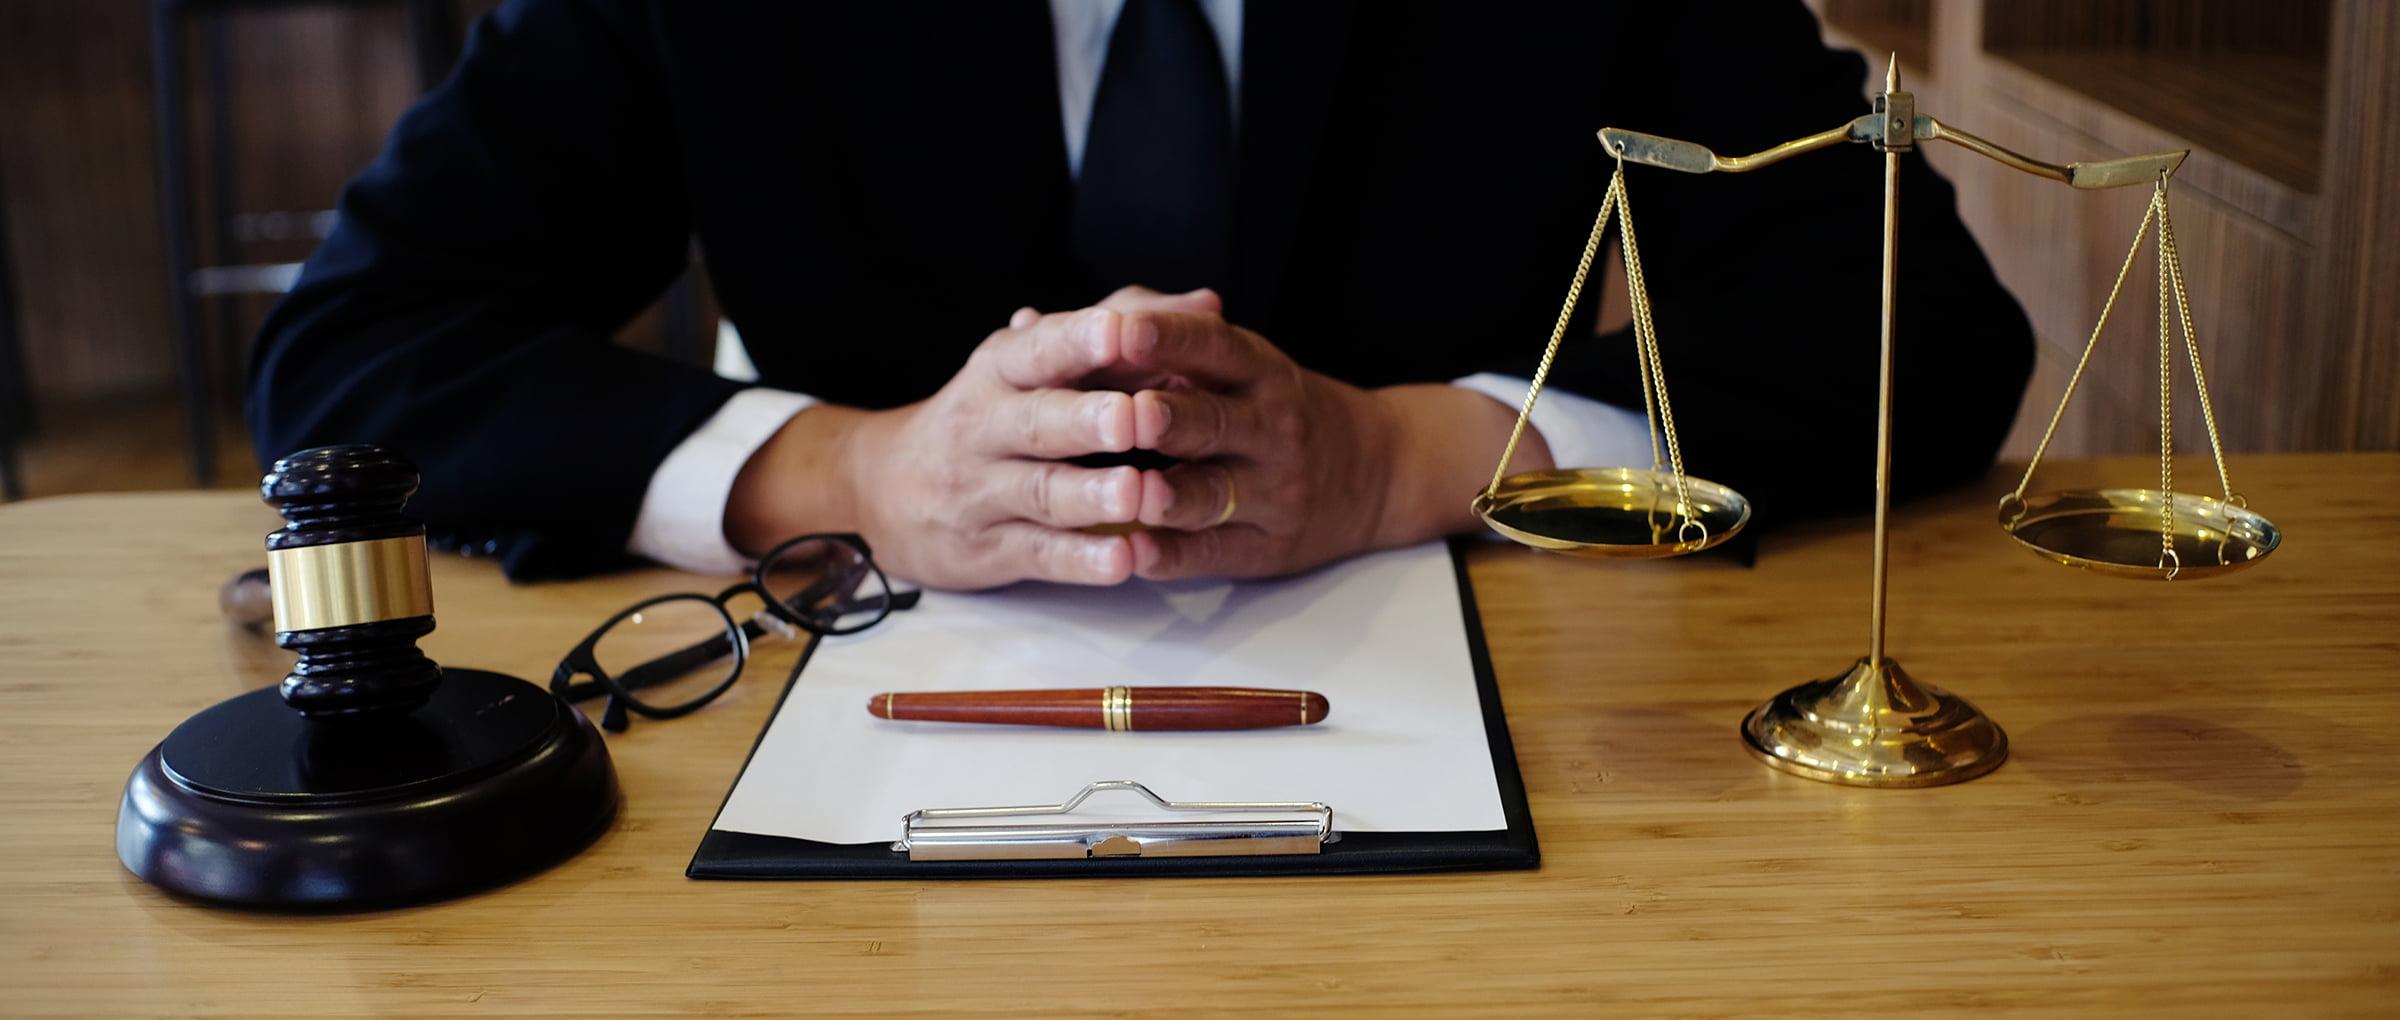 Assistance juridique pour éviter des problèmes lors de la GPA